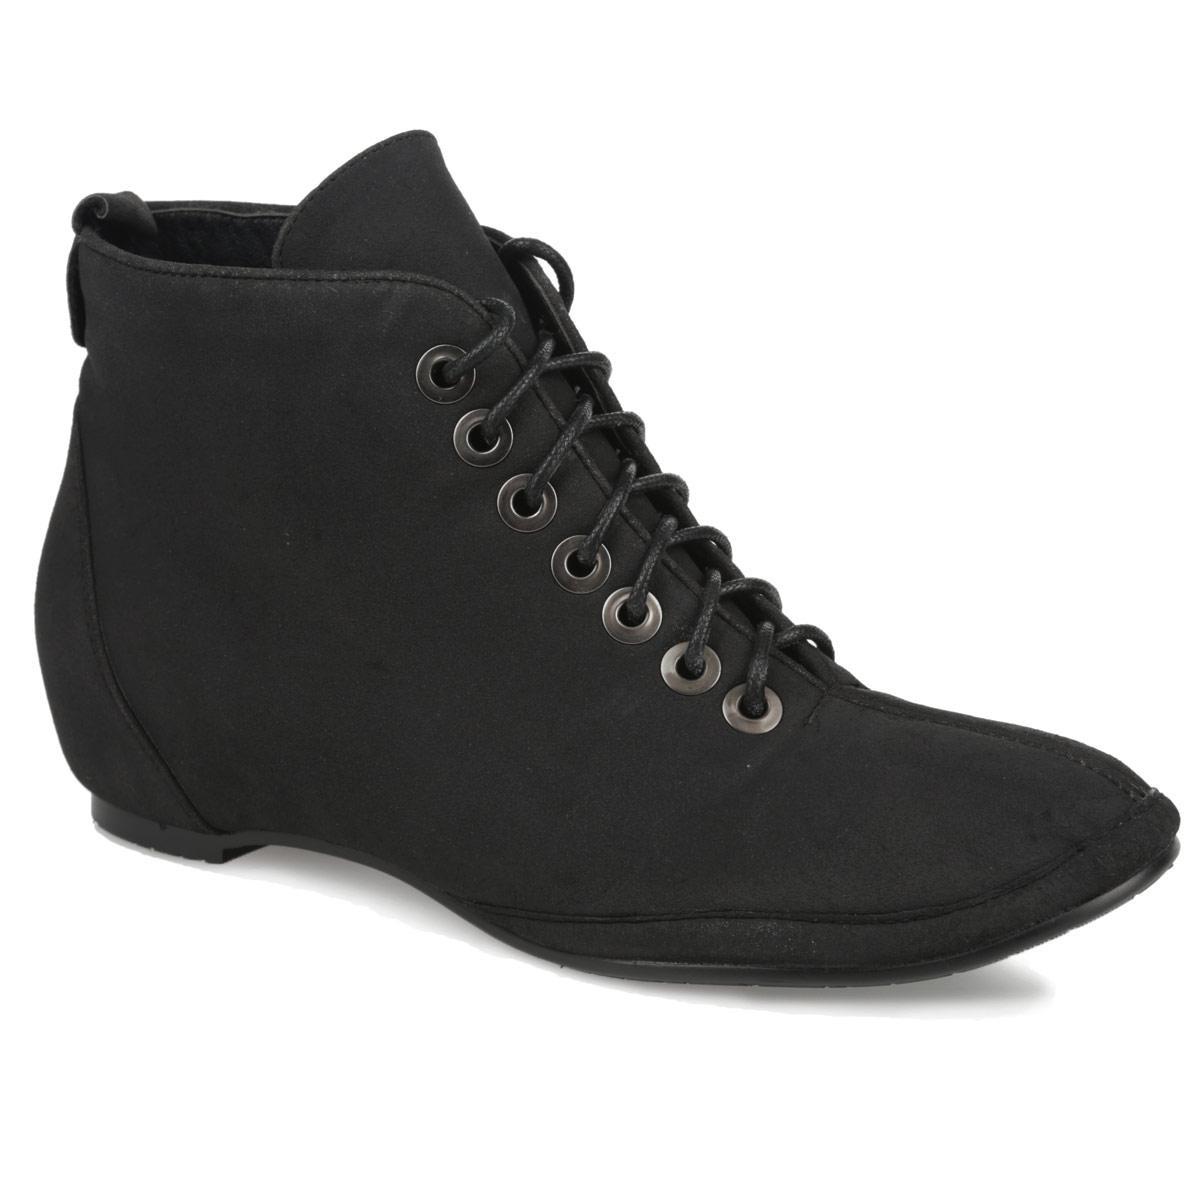 Ботинки женские. YA3-044-02 AXYA3-044-02 AXИзящные ботинки от Yaro прекрасно дополнят ваш модный образ. Модель выполнена из искусственного нубука и оформлена декоративным ремешком с металлической заклепкой на заднике. Прочная шнуровка надежно зафиксирует модель на вашей ноге. Ботинки застегиваются на застежку-молнию, расположенную на одной из боковых сторон. Мягкая подкладка и стелька из байки сохраняют тепло, обеспечивая максимальный комфорт при движении. Минимальной высоты каблук и подошва дополнены противоскользящим рифлением. В таких стильных ботинках вашим ногам будет комфортно и уютно!